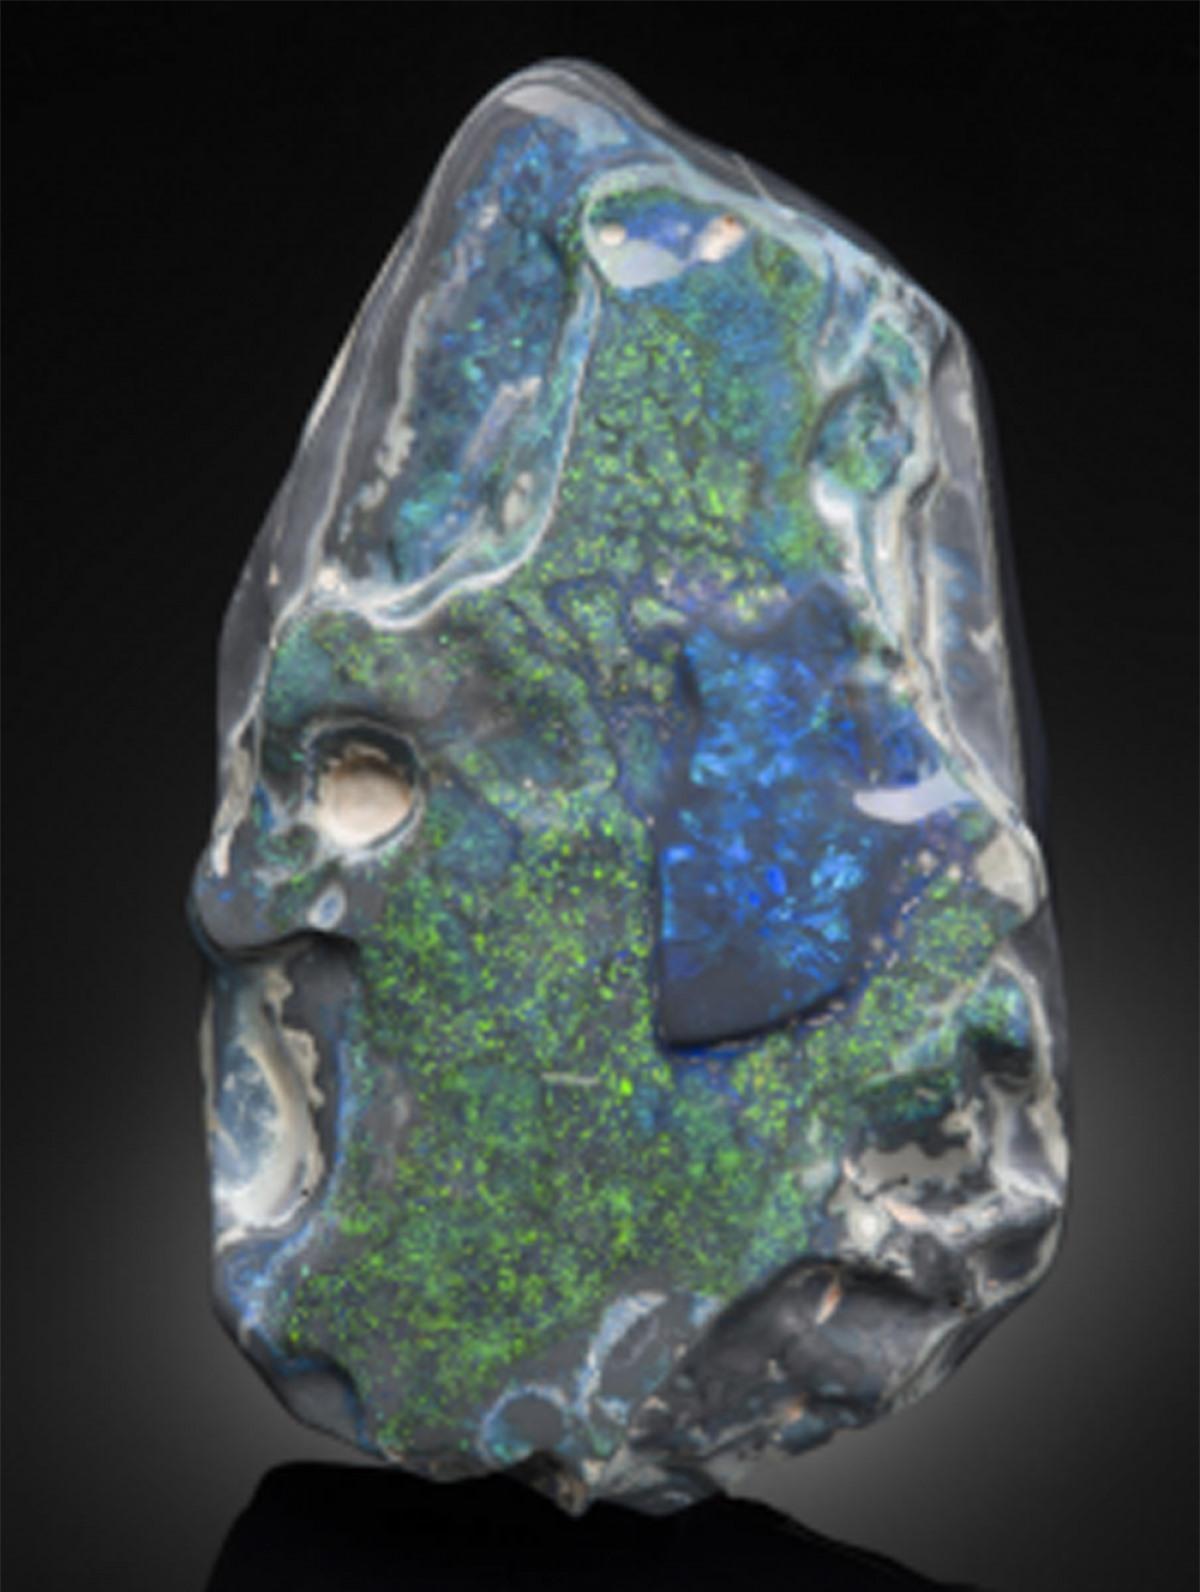 Ngọc mắt mèo đen (Black Opal) có giá 15.000 USD mỗi carat.So với Opal trắng và Opal lửa thì Black Opal chính là loại đắt tiền nhất. Lý do là ngọc mắt mèo đen hội tụ đầy đủ các màu sắc và có khả năng tán xạ ánh sáng tạo ra những vạch màu quang phổ lấp lánh./.